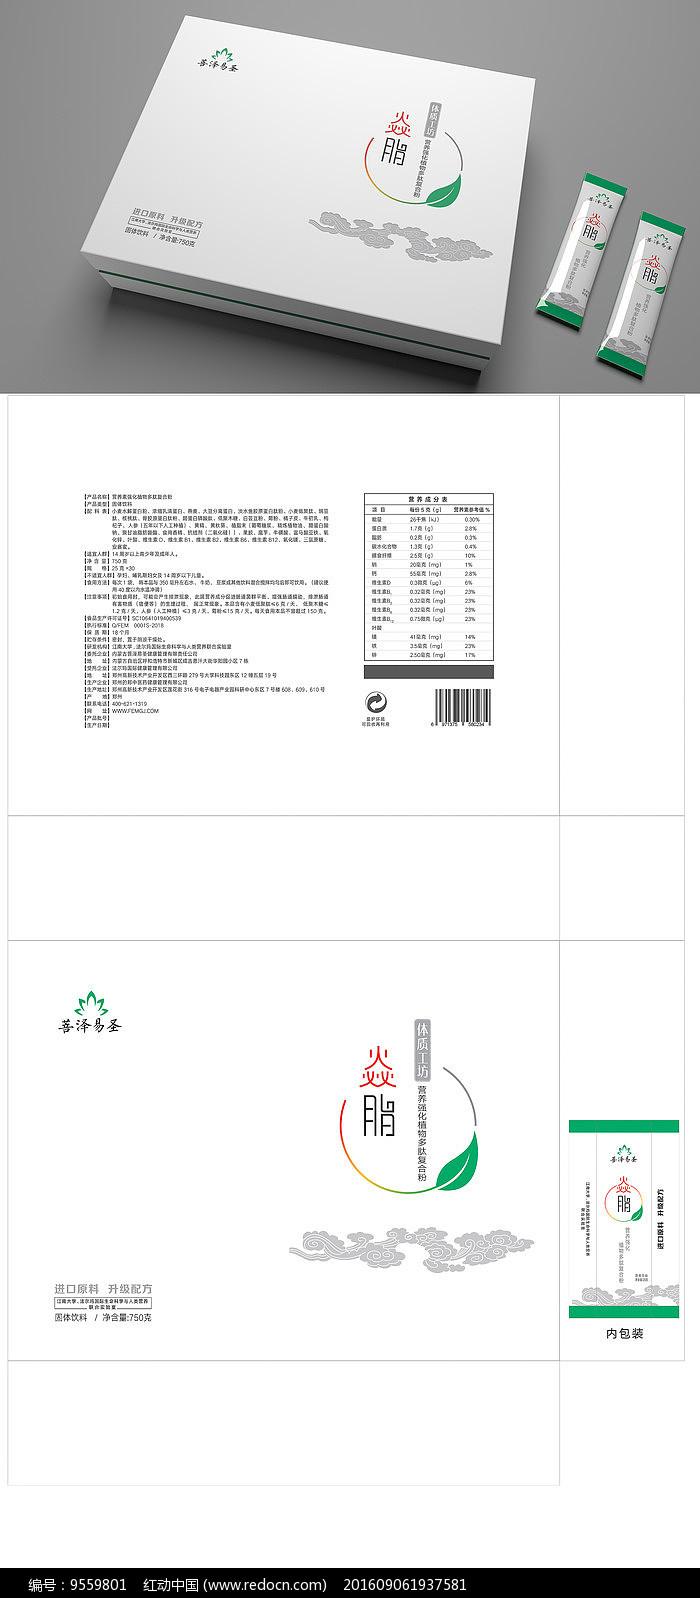 当前访问作品主题是瘦身减肥保健品包装,编号是9559801,文件格式是psd